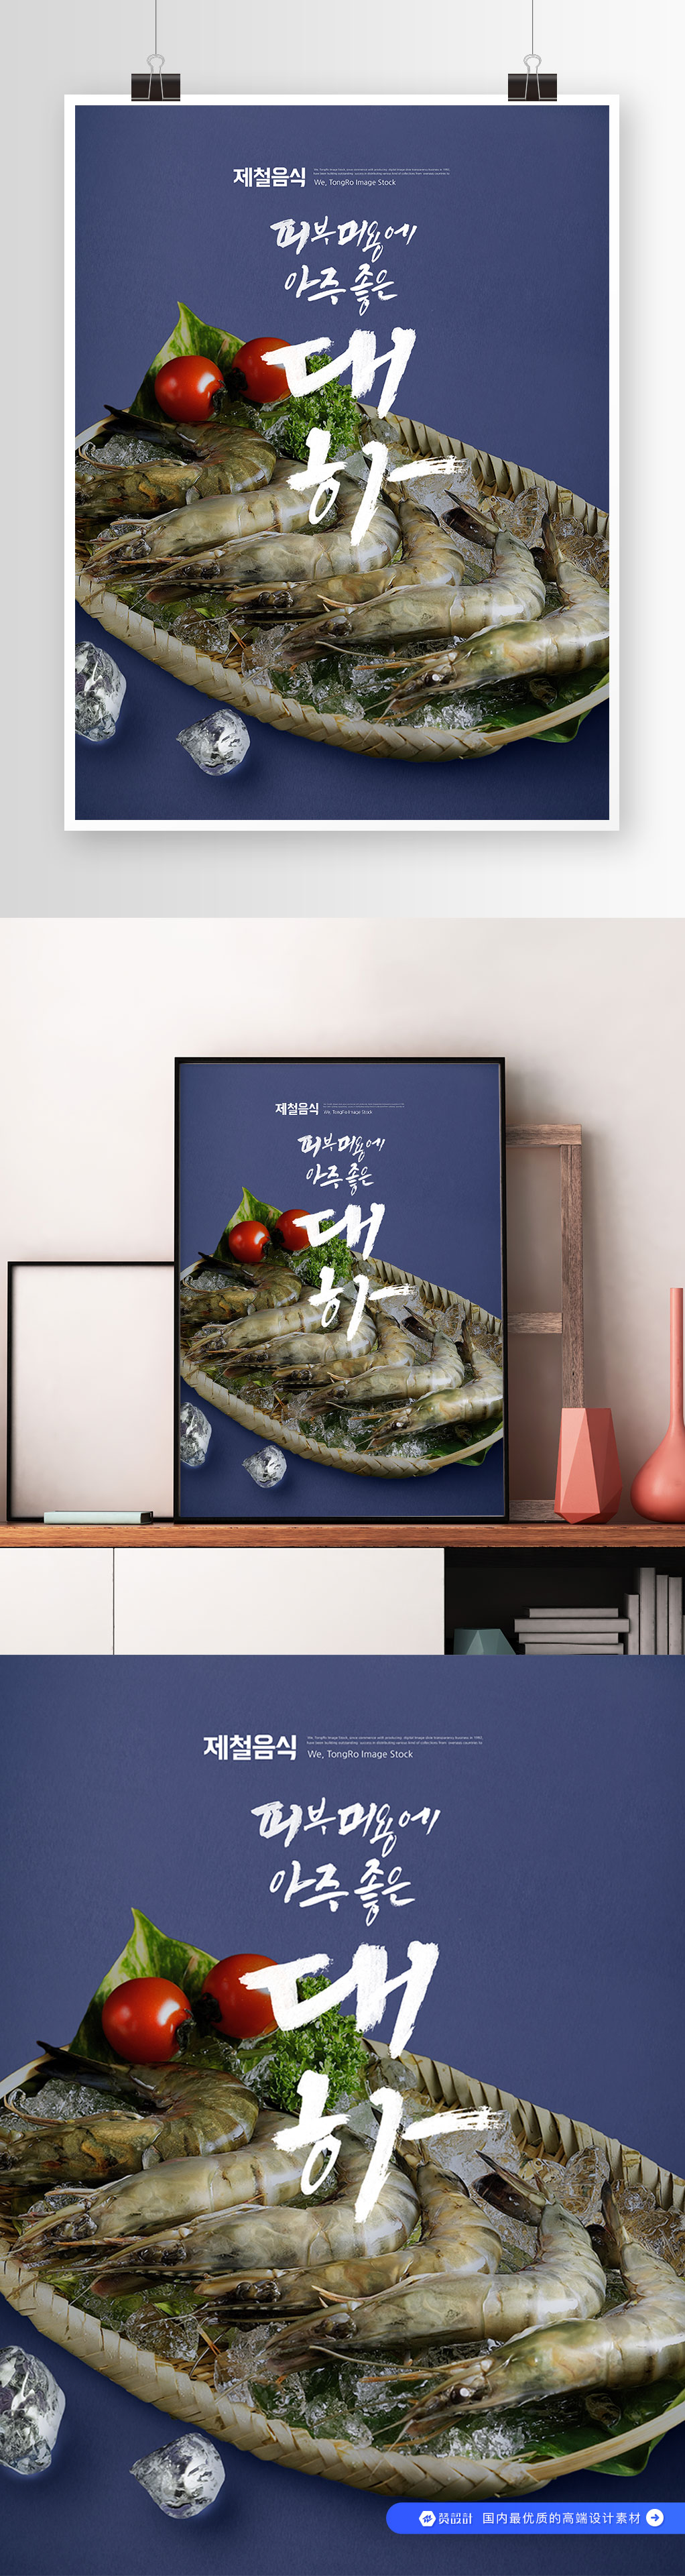 海鲜生鲜虾水产海报